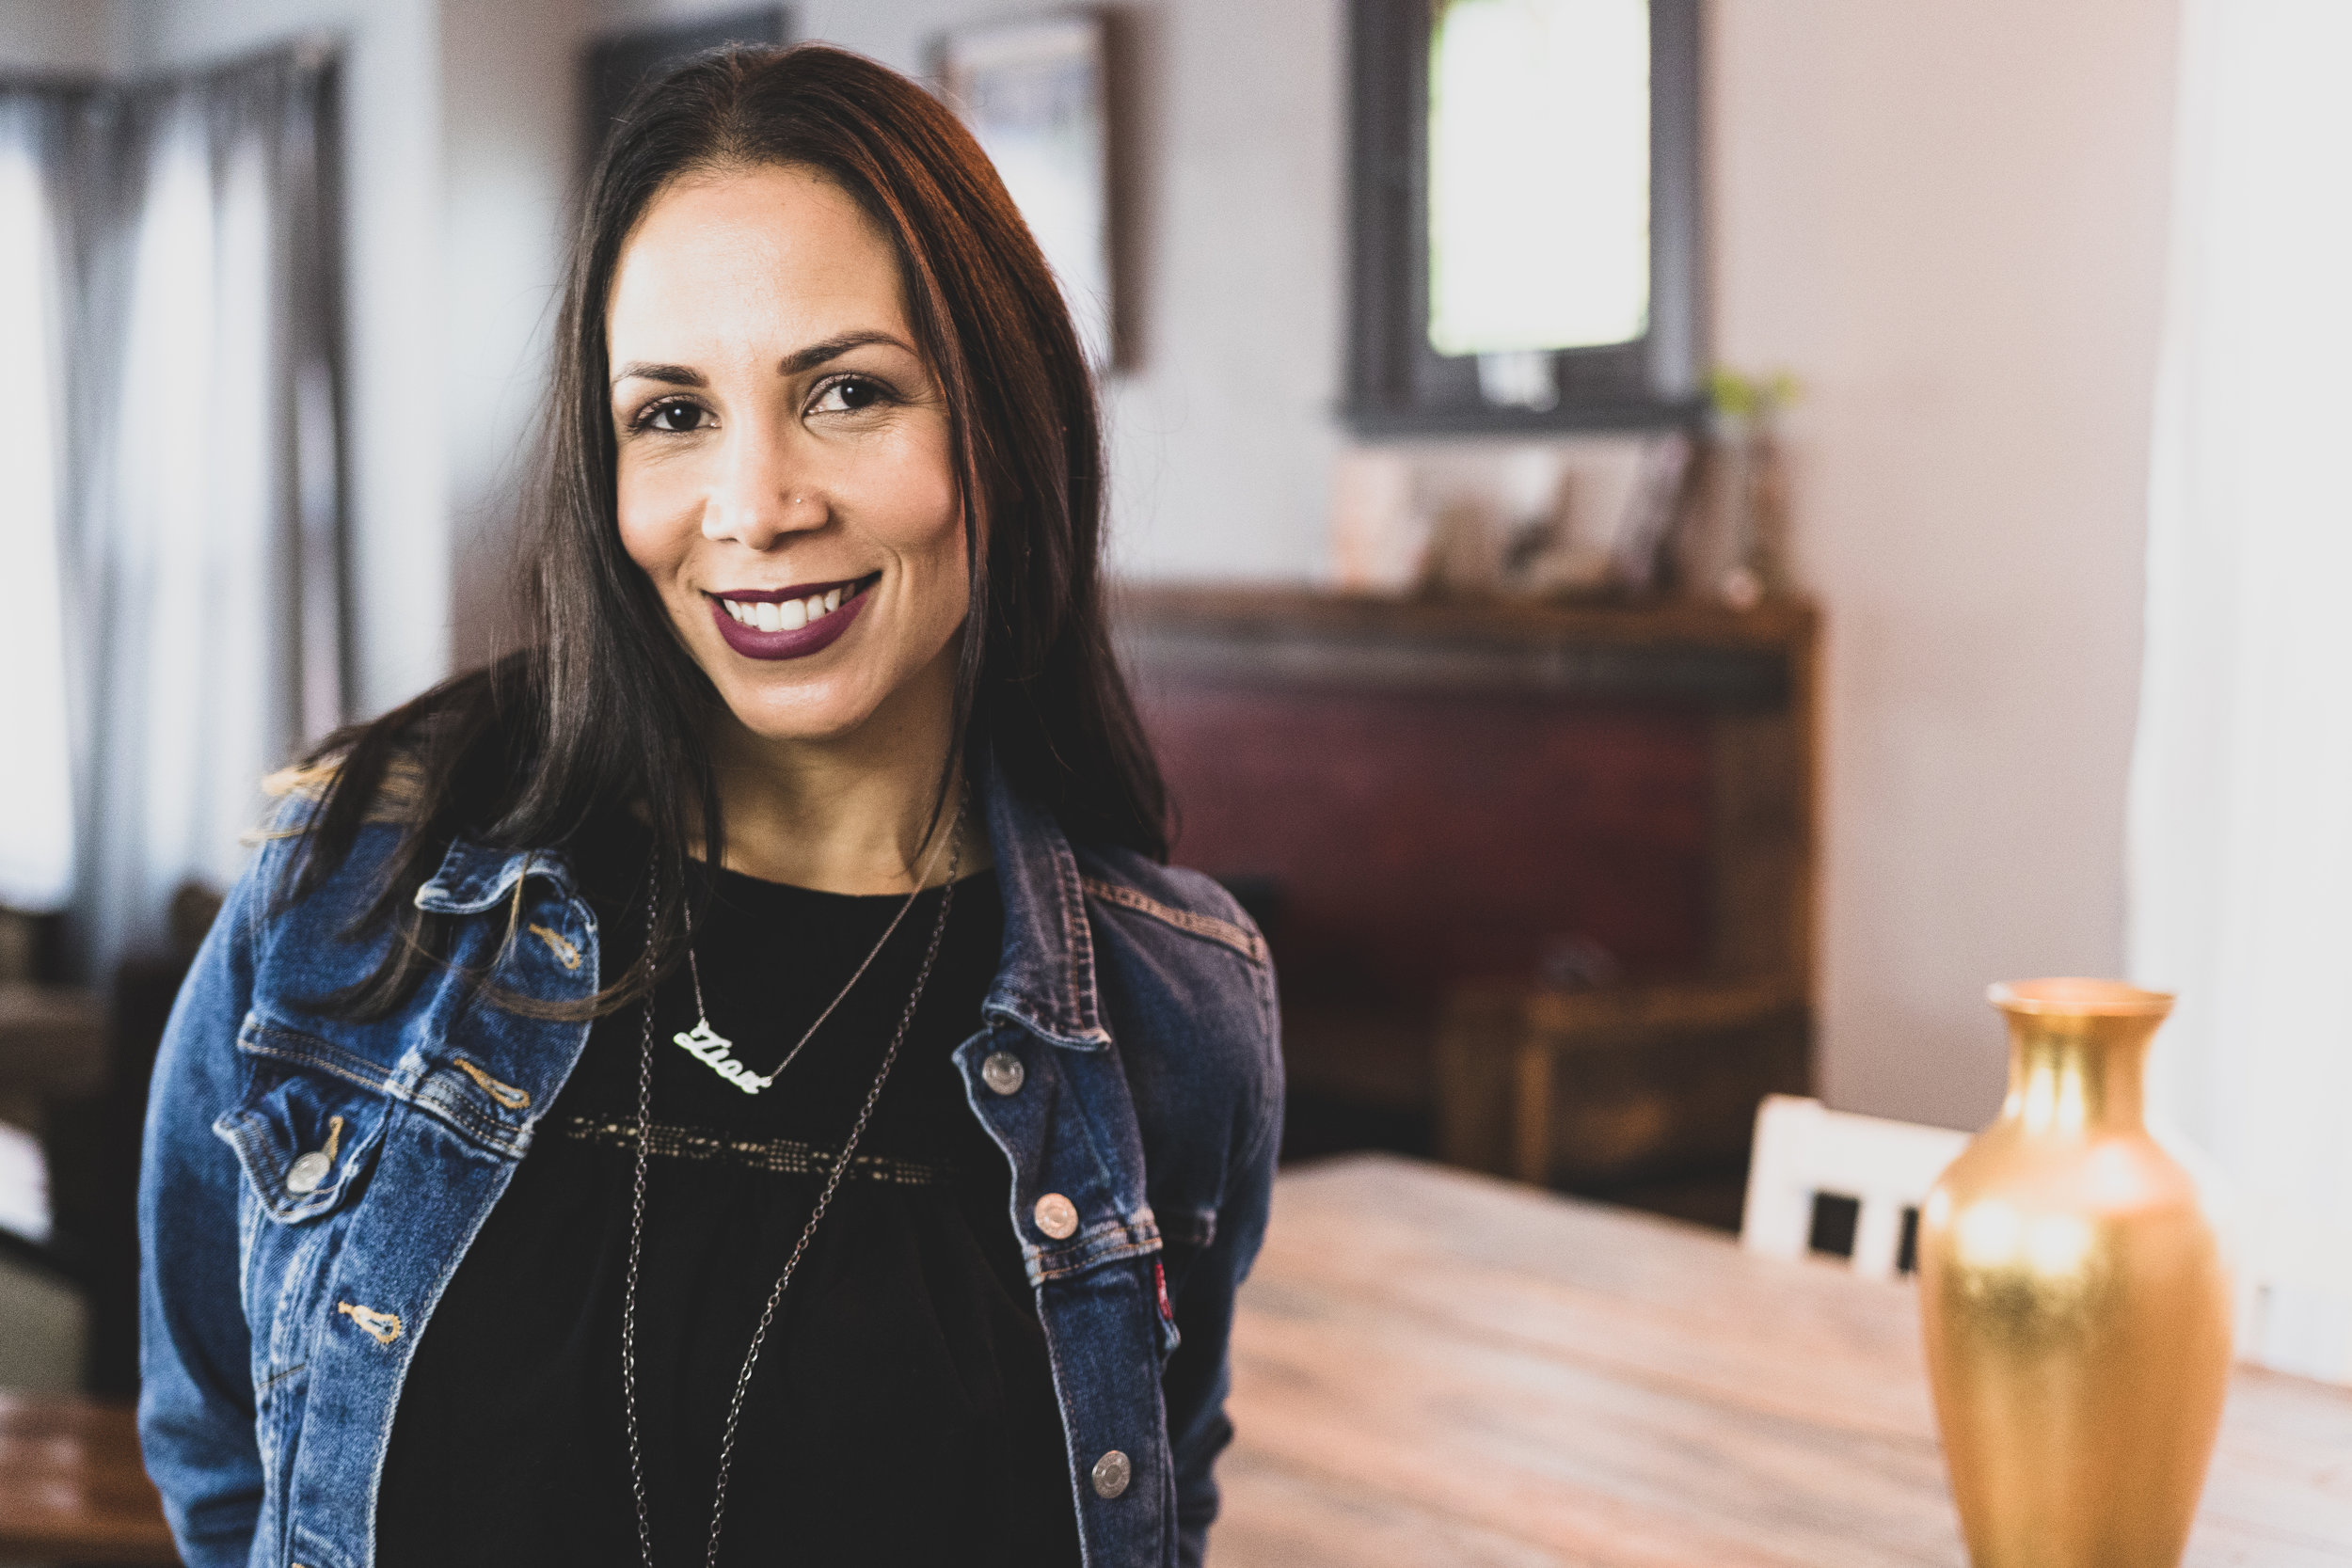 Monica Rosali Rodriguez